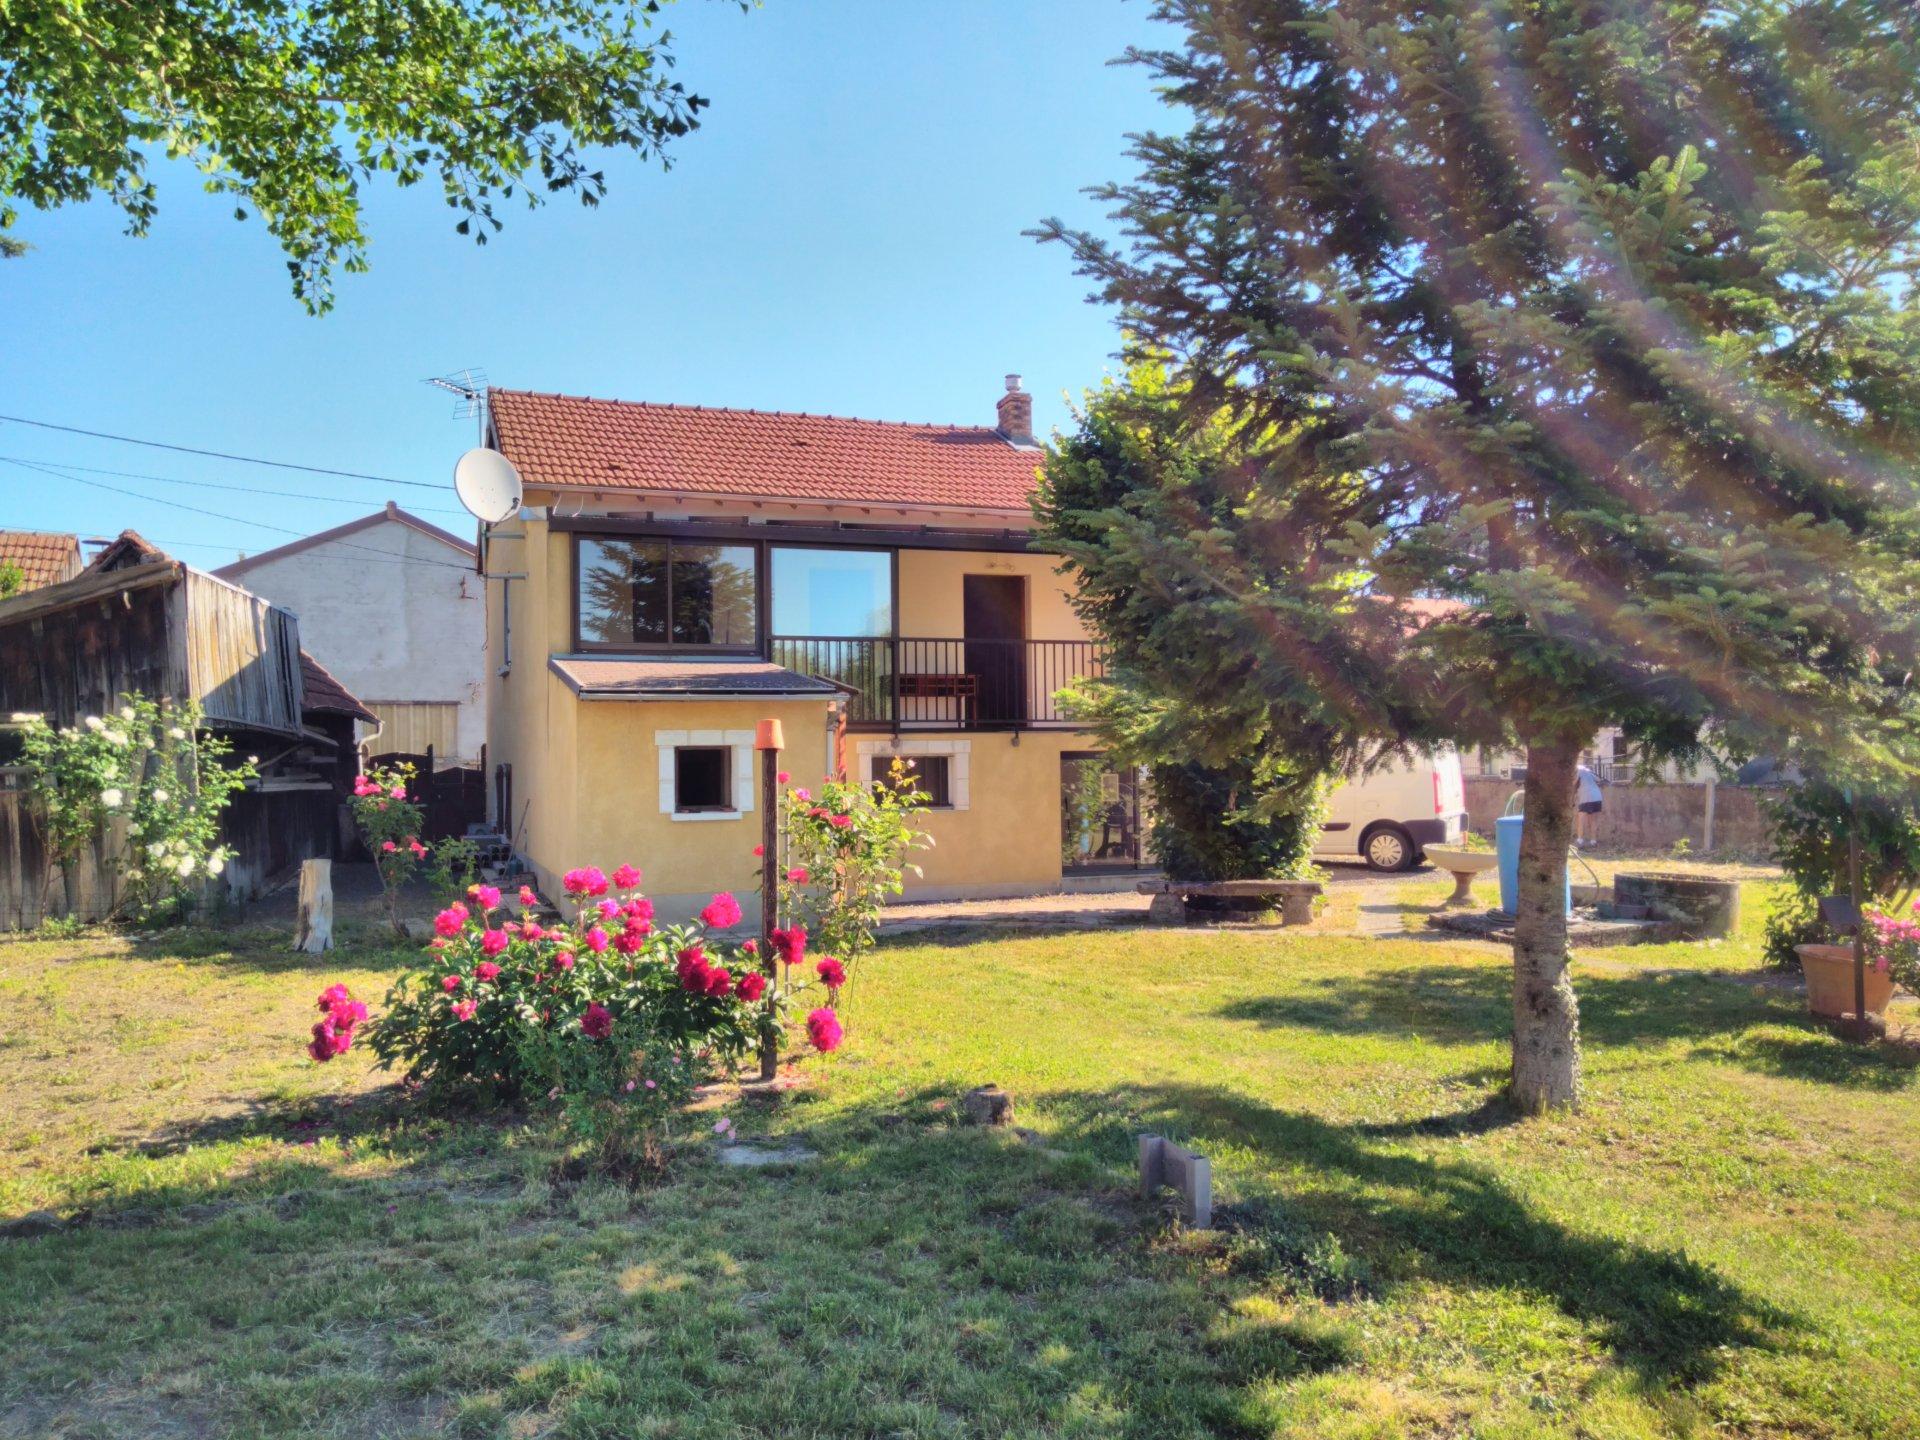 6167VBM - Maison av Jardin - Axe Vichy/Clmt-Fd